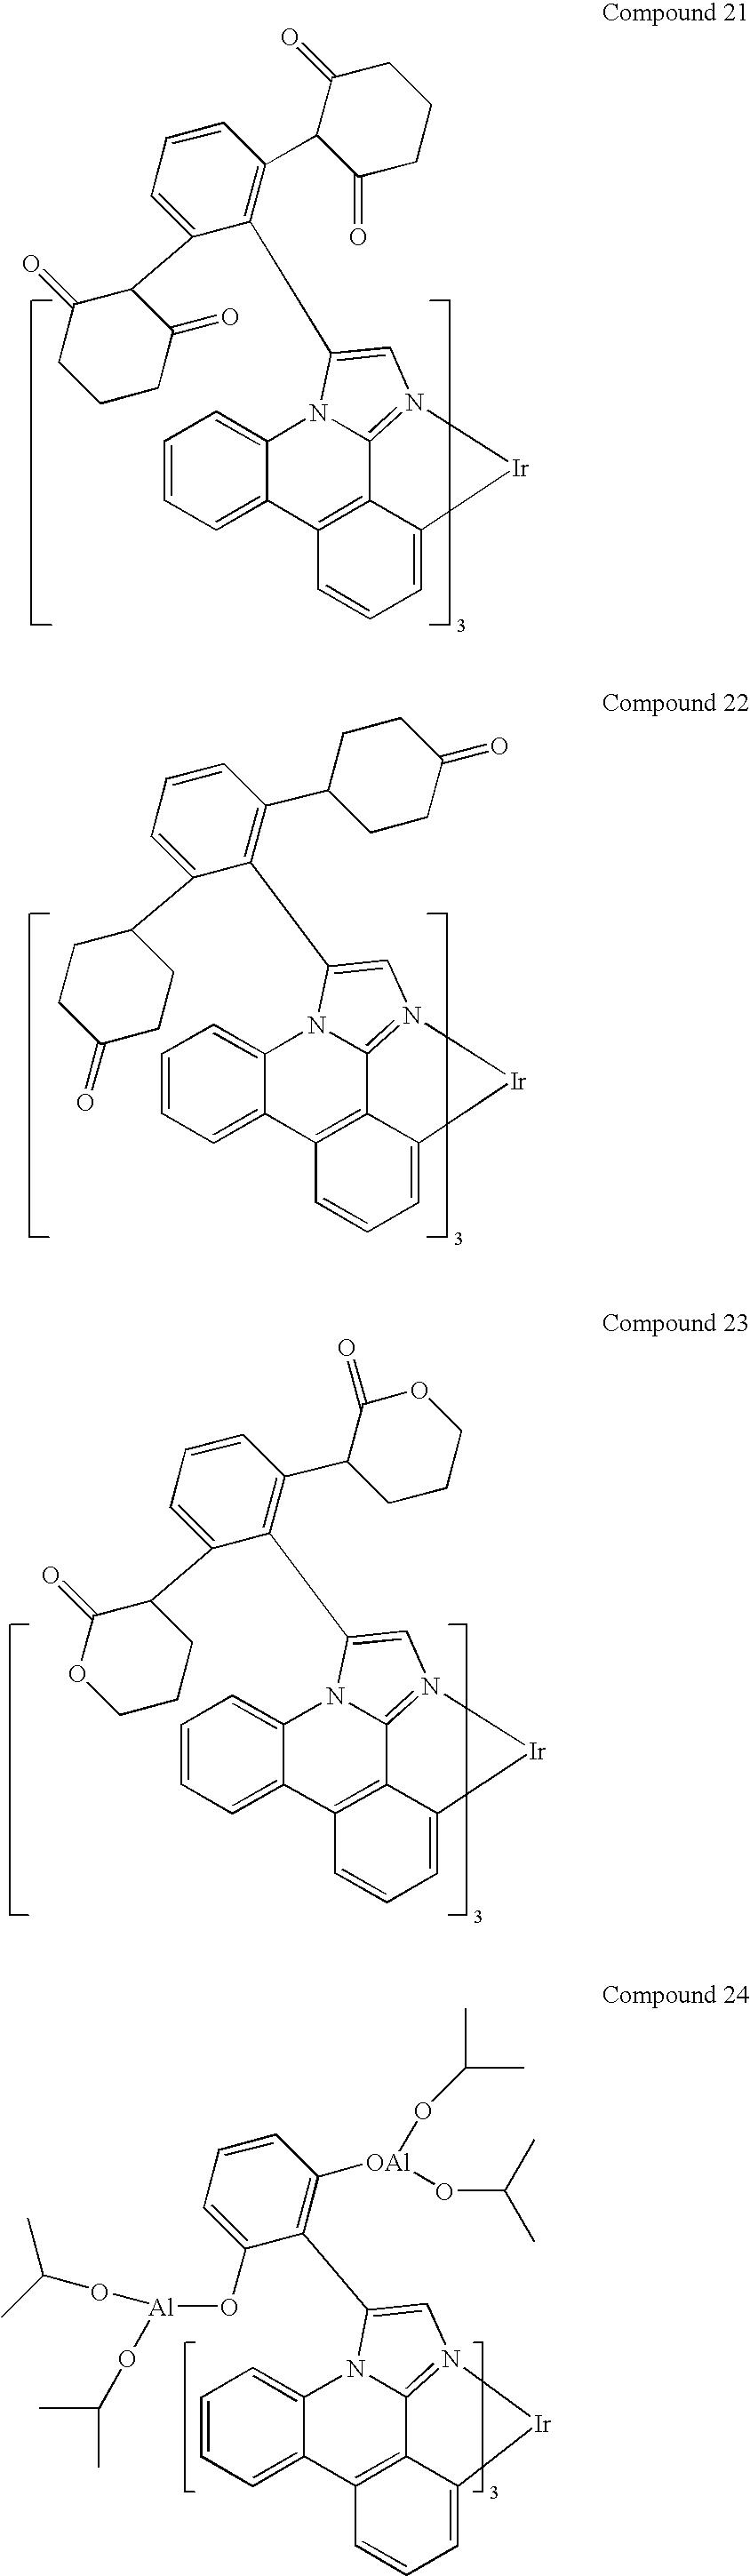 Figure US20100148663A1-20100617-C00012